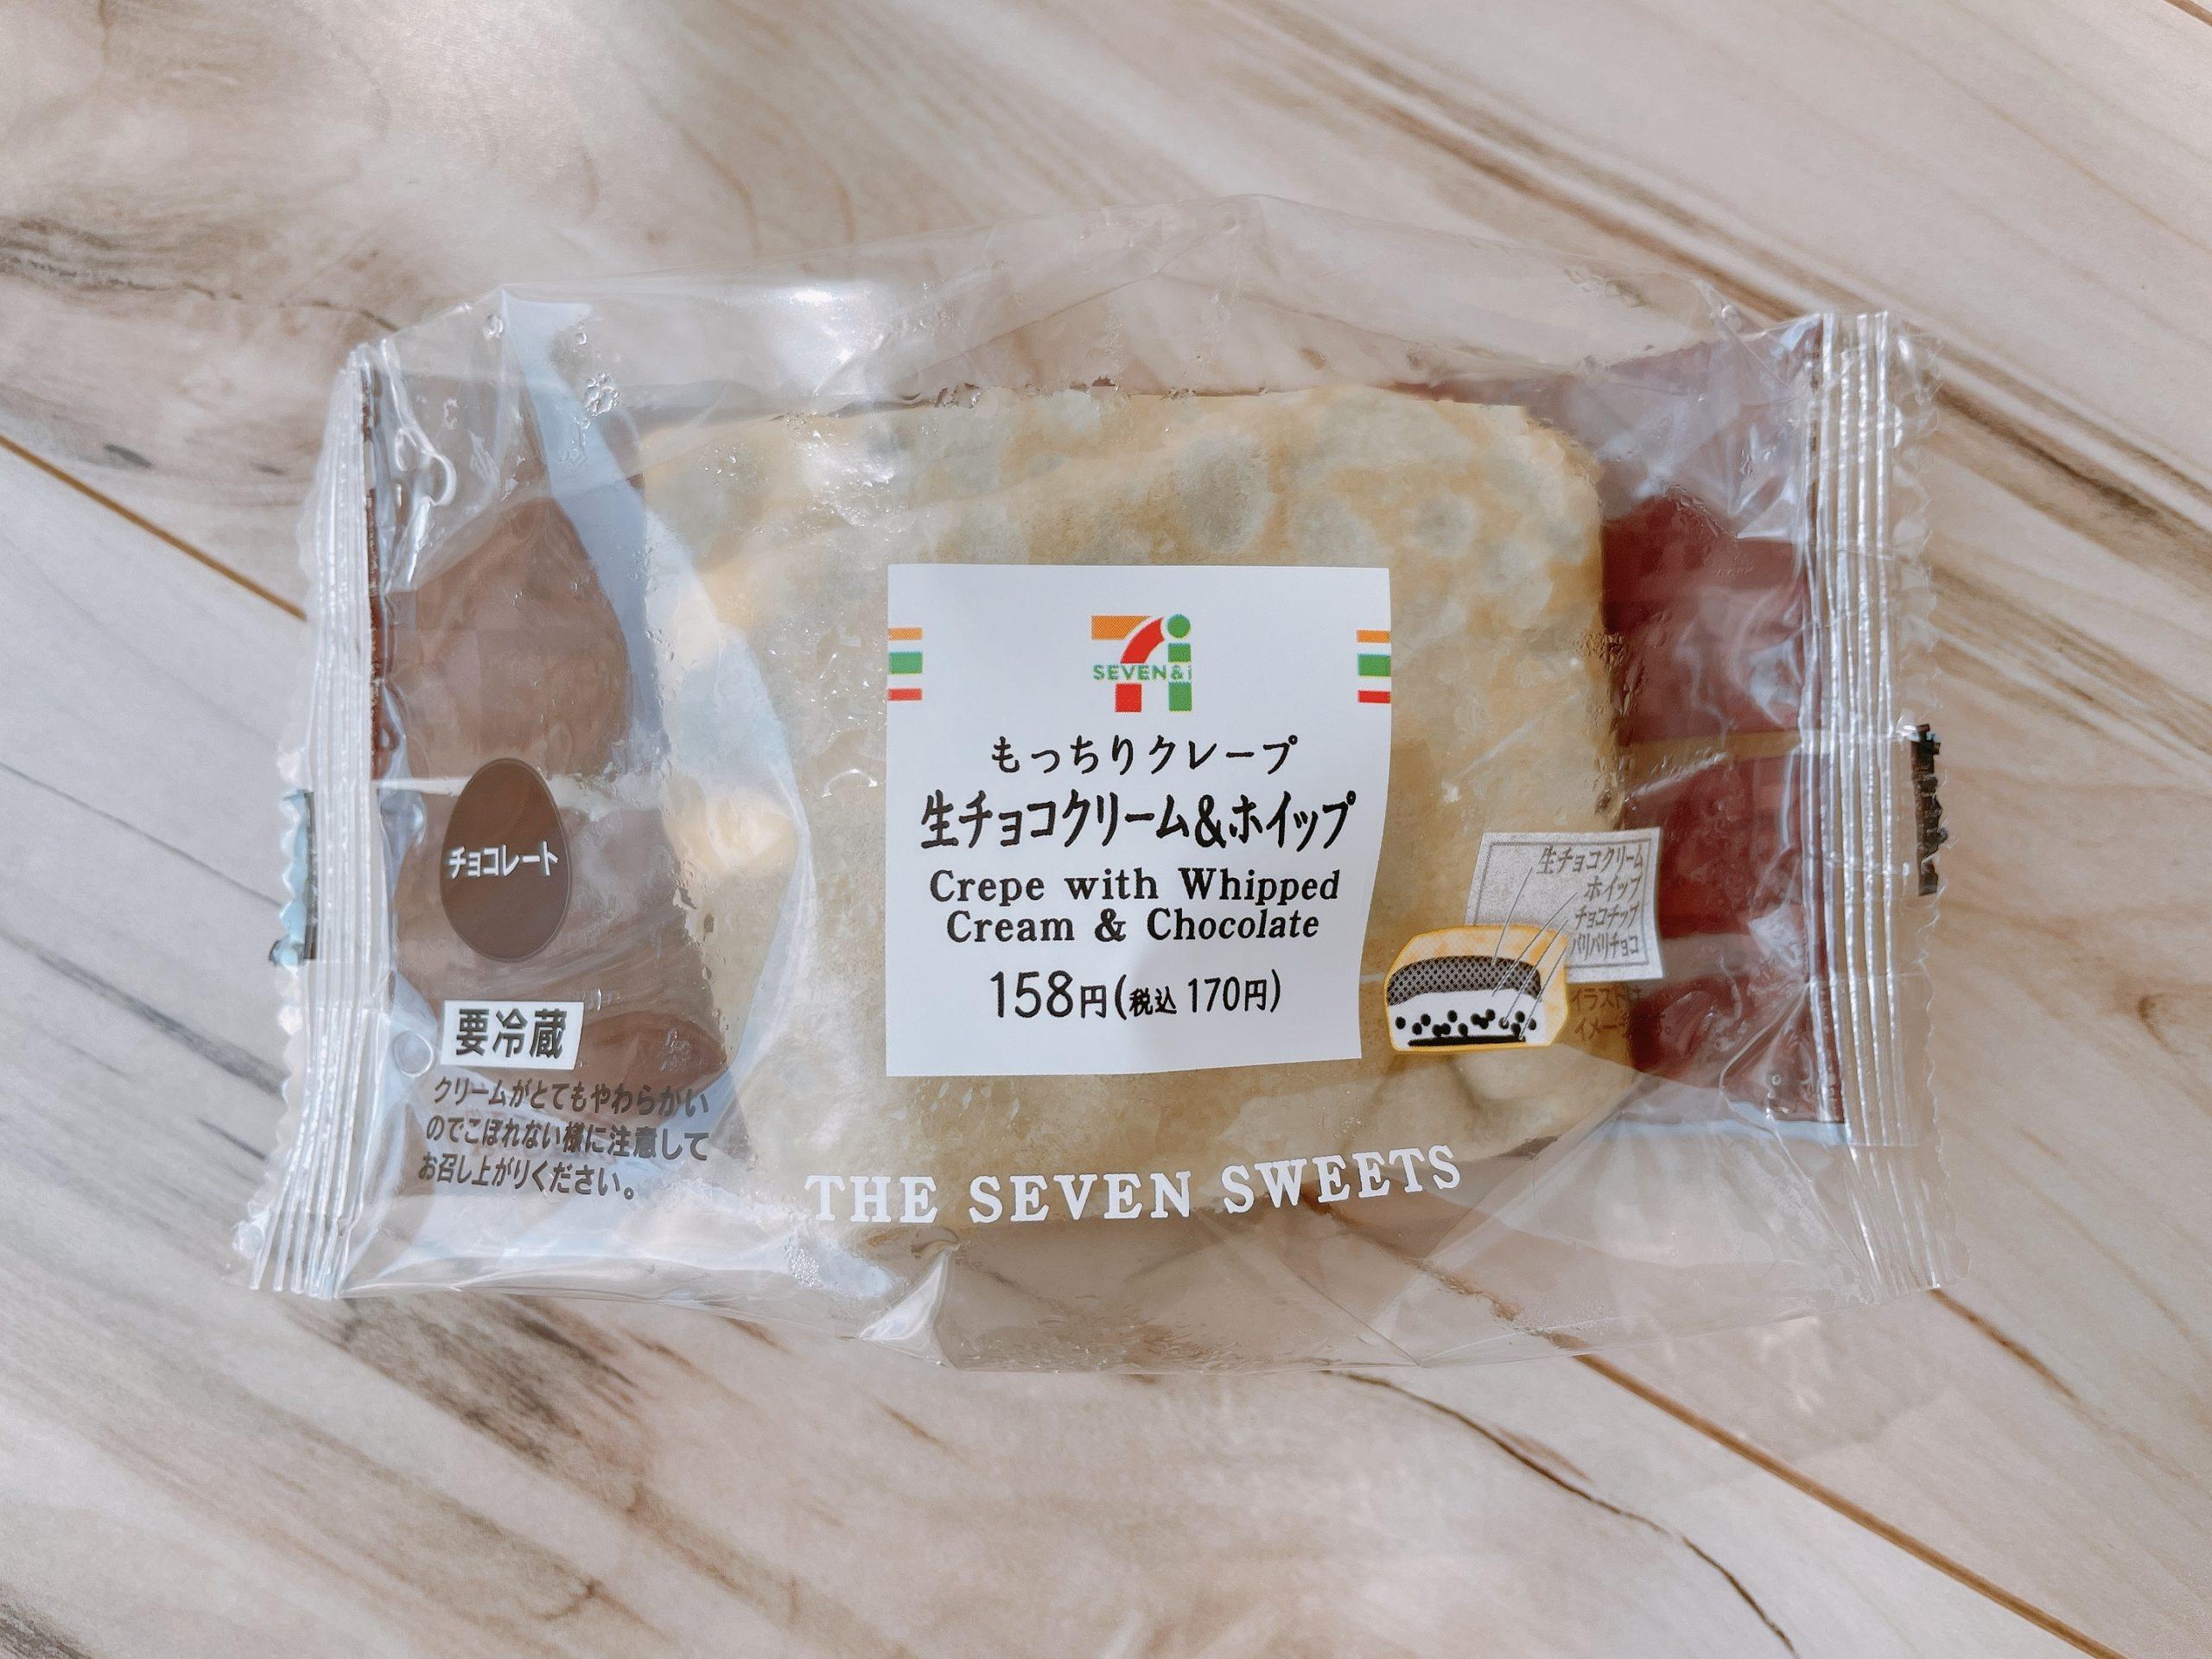 もっちりクレープ生チョコクリーム&ホイップのパッケージ